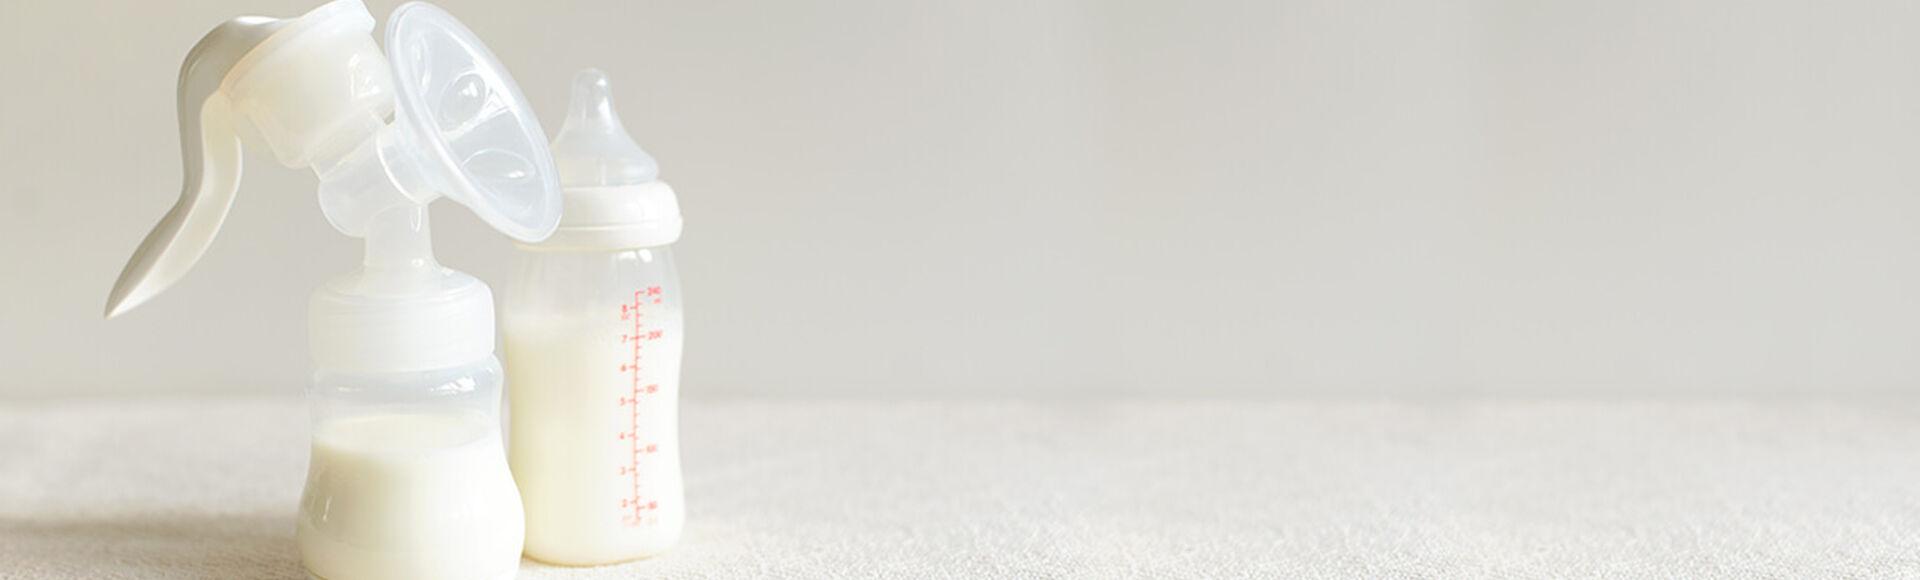 Extraer tu leche será más sencillo con estos consejos    Más Abrazos by Huggies